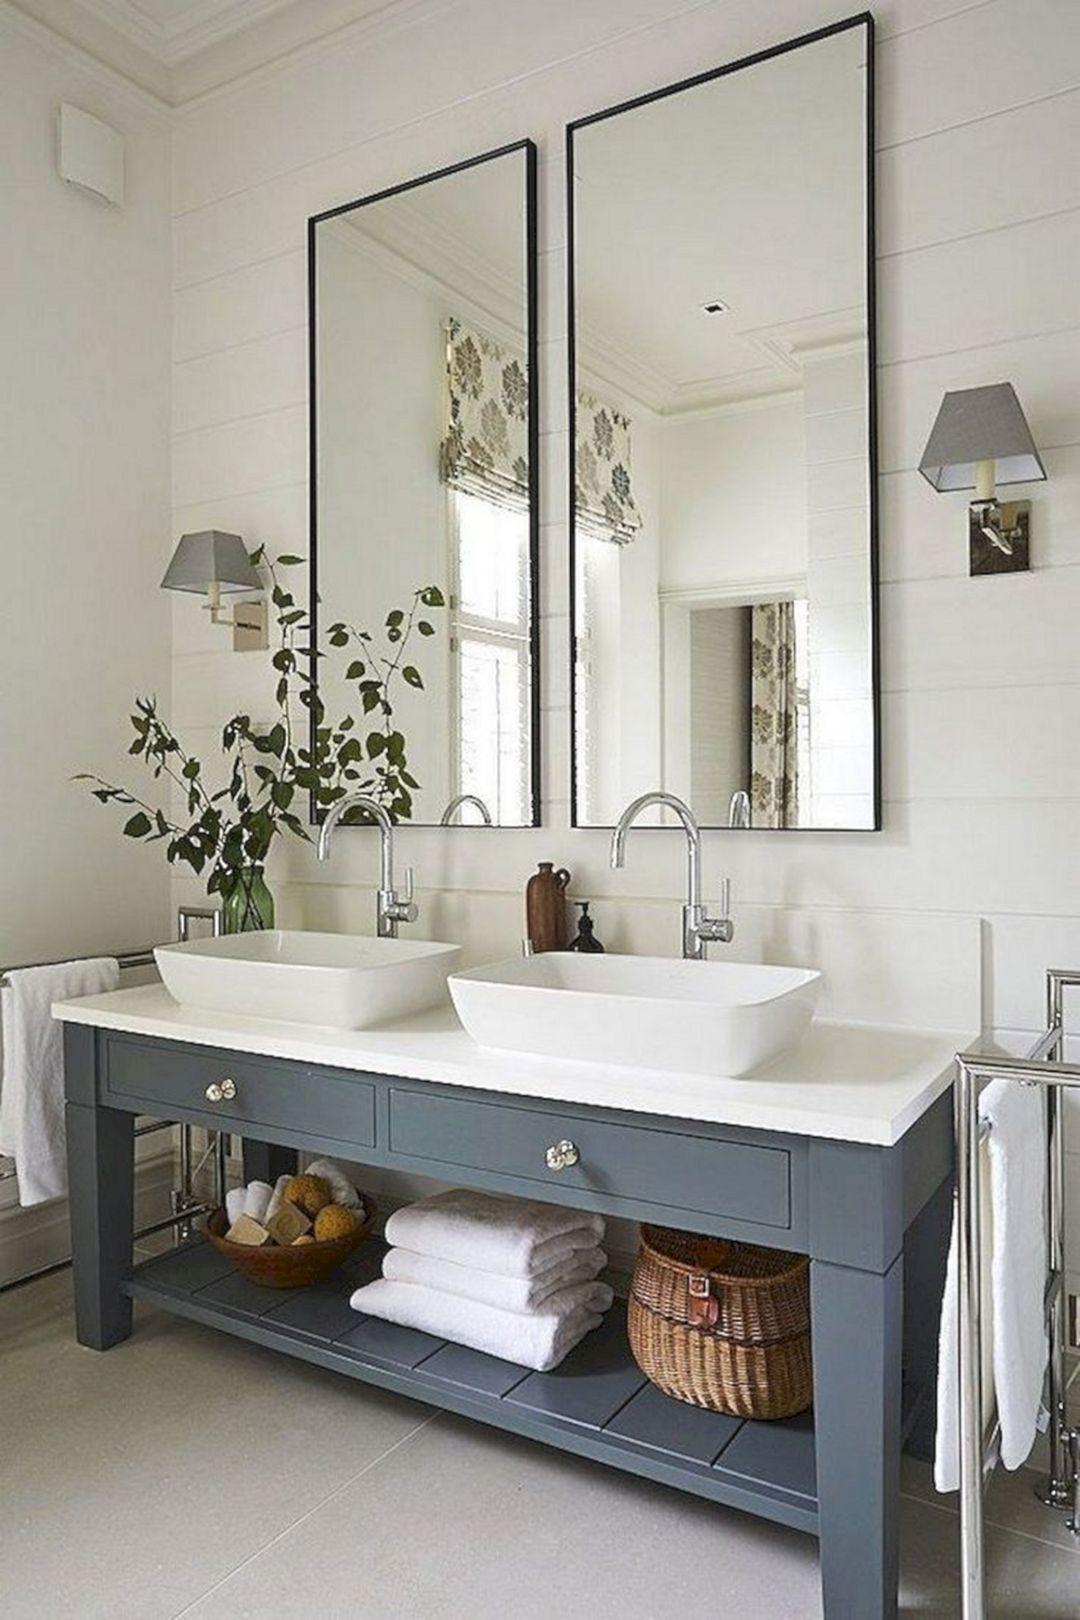 18 Modern Bathroom Vanity Design Ideas You Must Try Bathroom Renovation Designs Modern Farmhouse Bathroom Bathroom Styling [ 1620 x 1080 Pixel ]